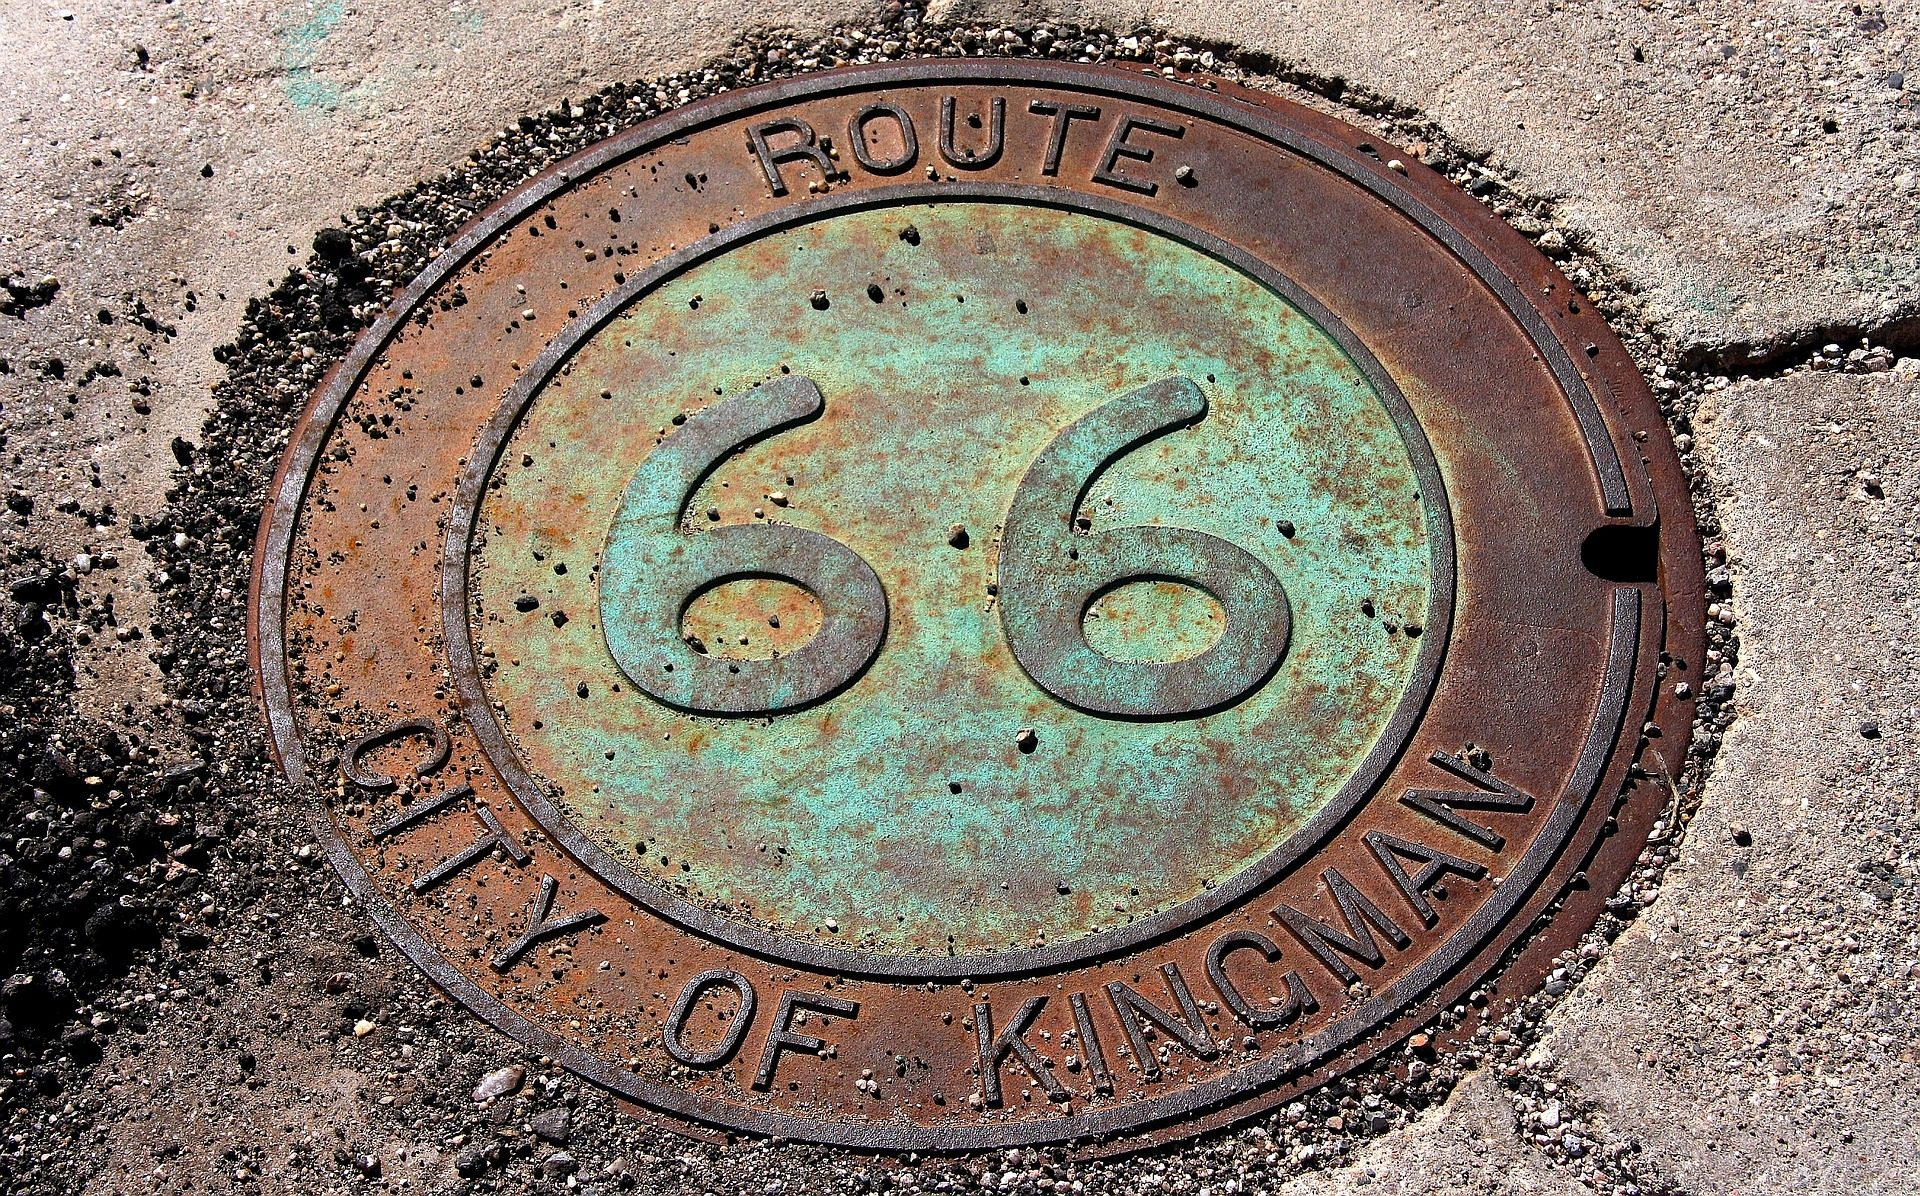 ruta 66, marca, asfalto, metal, kingman - Fondos de Pantalla HD - professor-falken.com